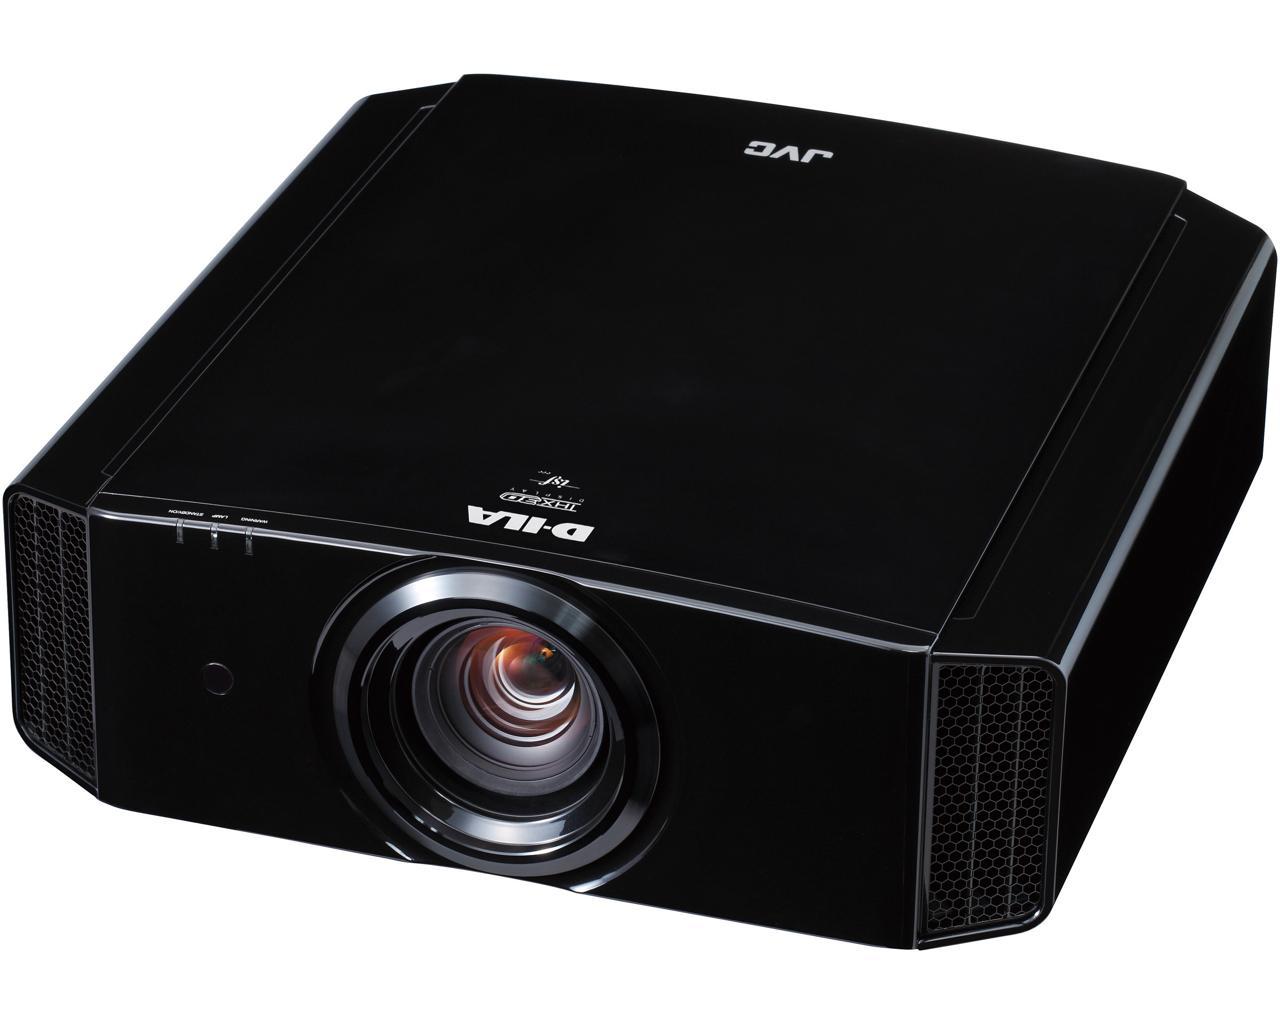 DLA-X7500B